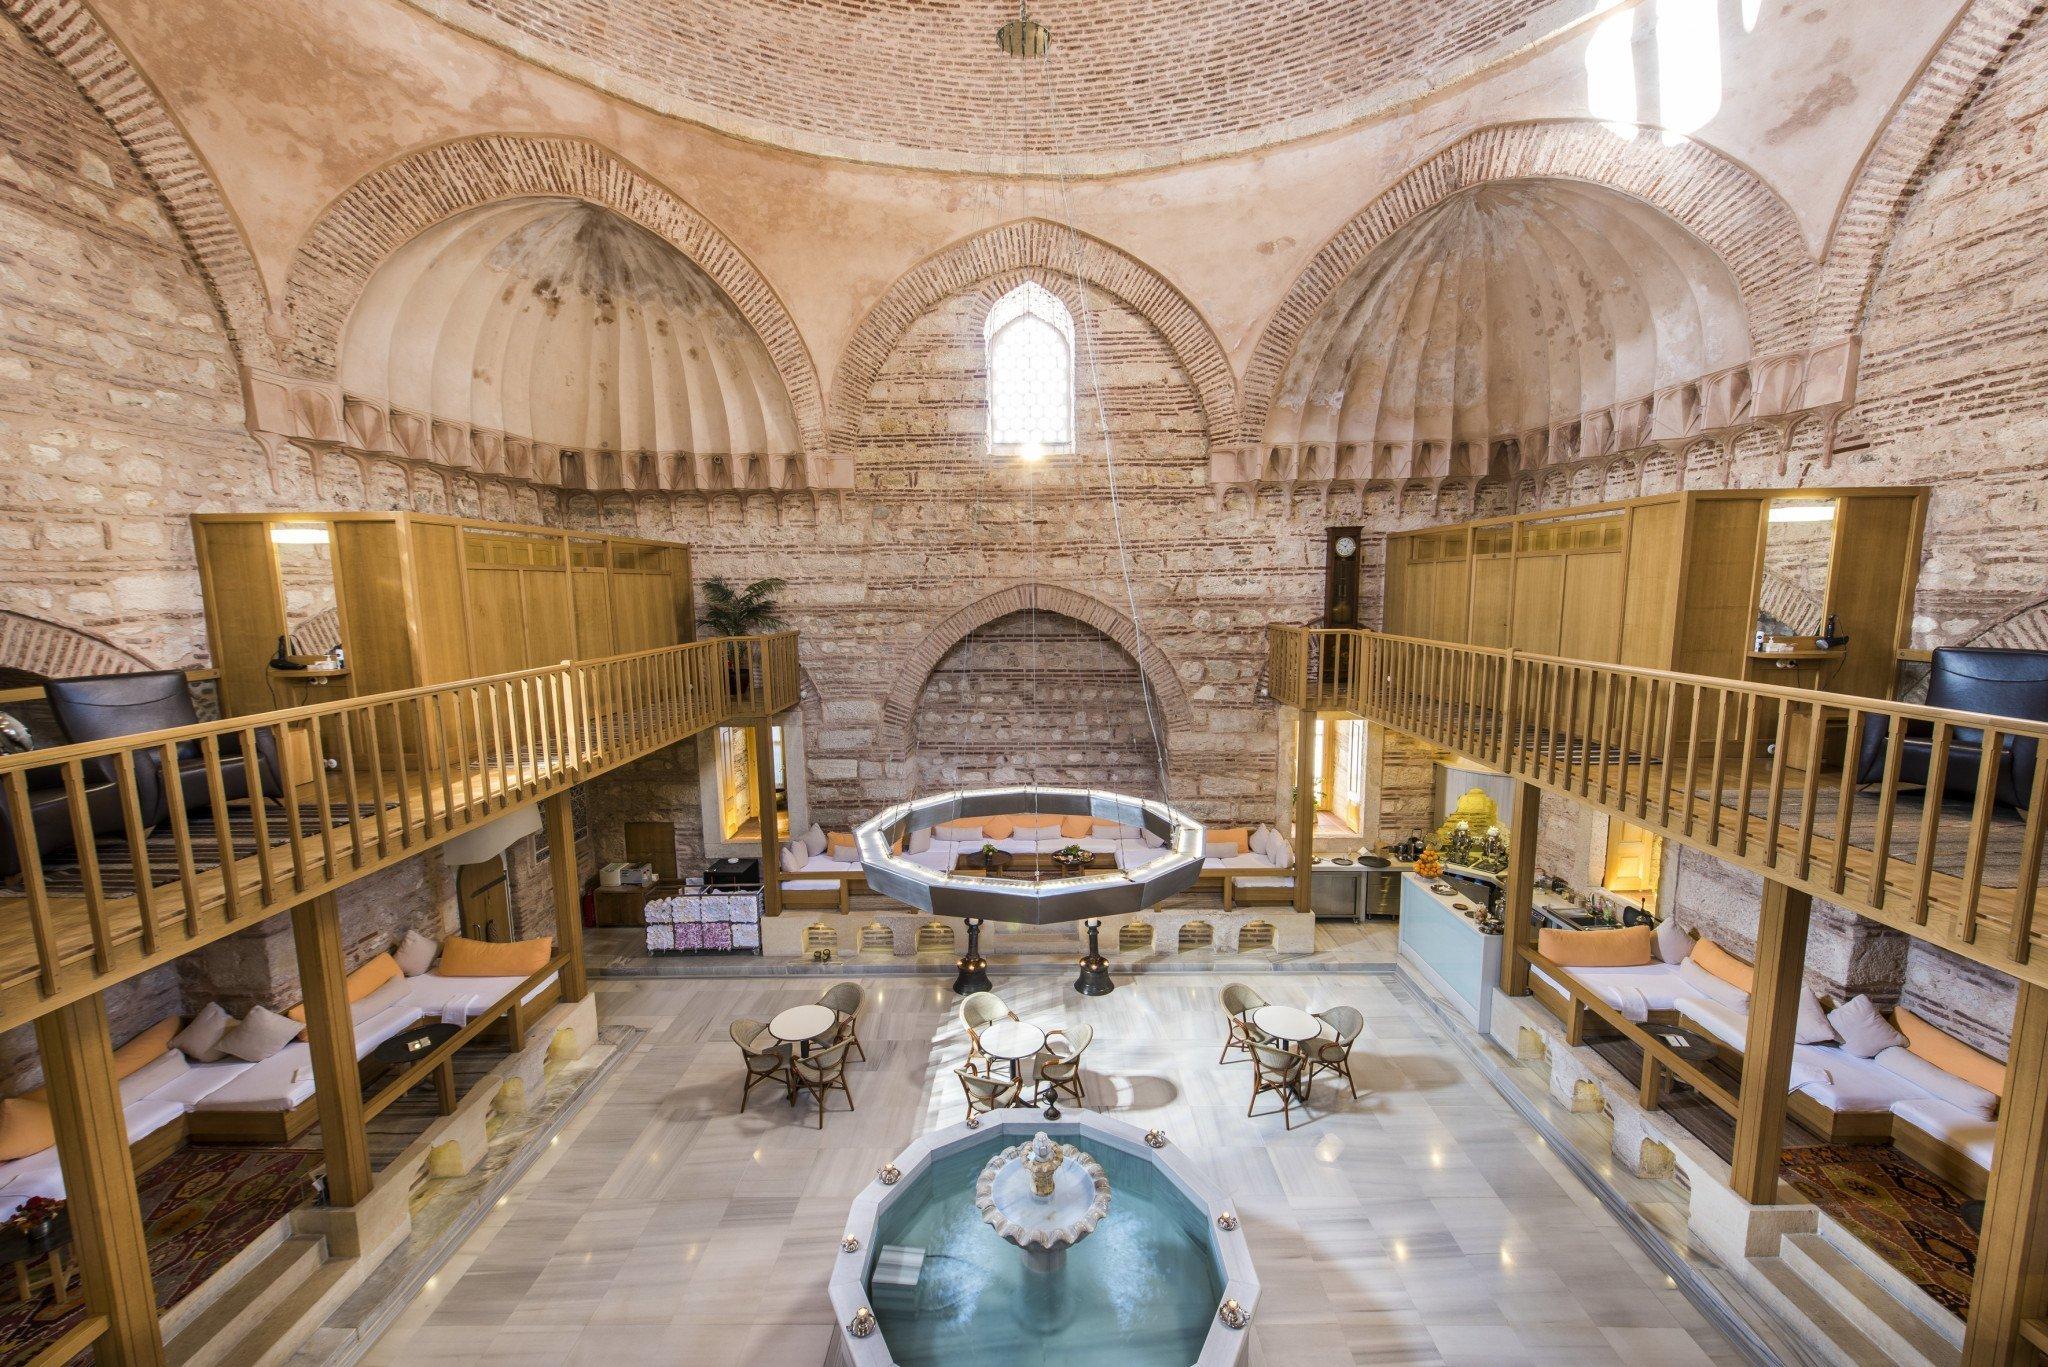 Kılıç Ali Paşa Turkish Bath - حمام خرم سلطان استانبول ، ترکیه | Istanbul